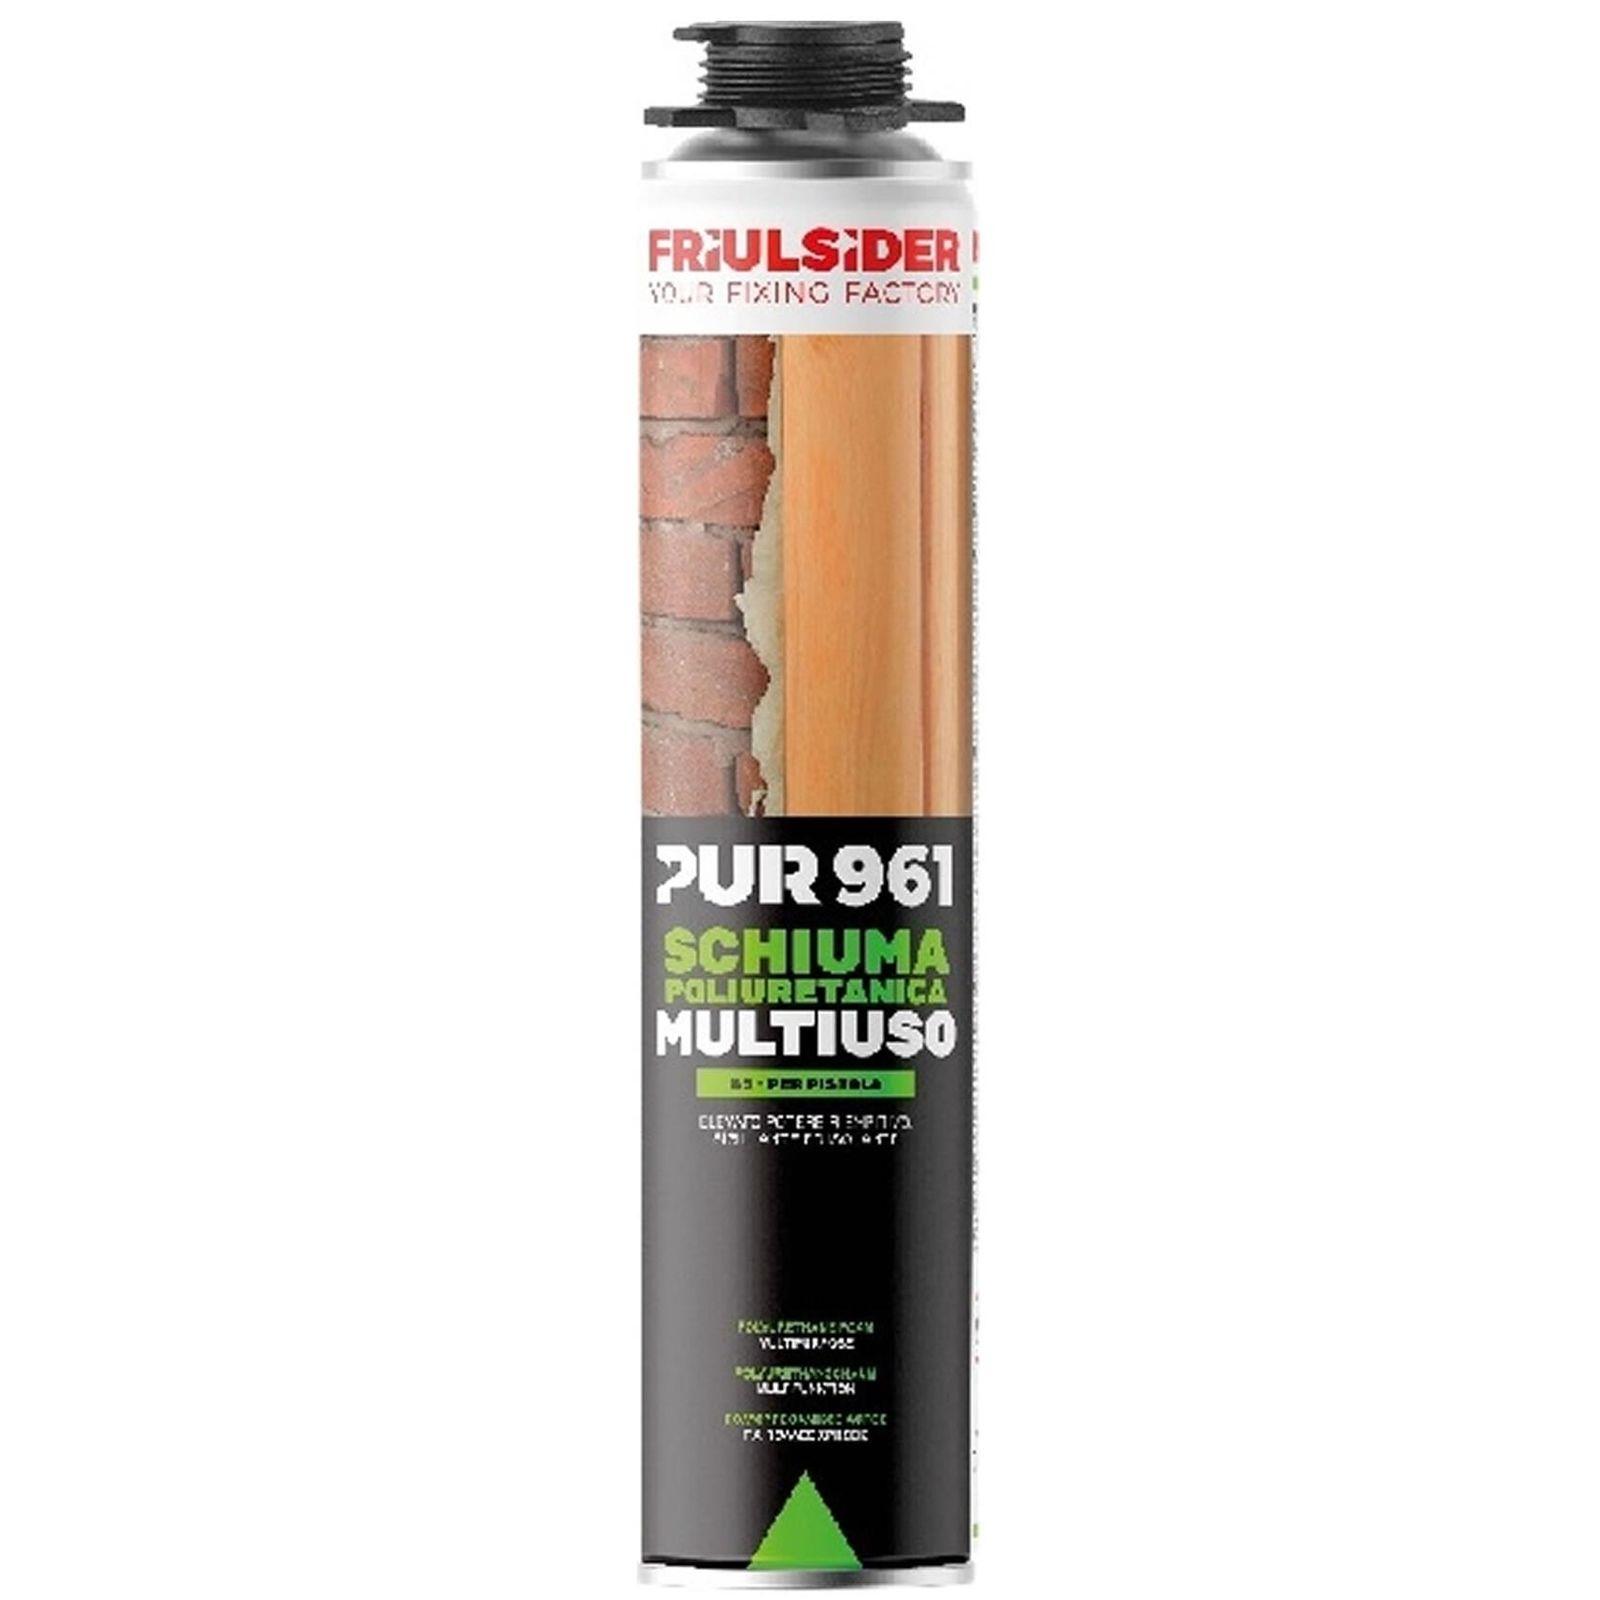 Friulsider schiuma poliuretanica pur961 espansiva b3 per pistola cemento pietra legno metallo